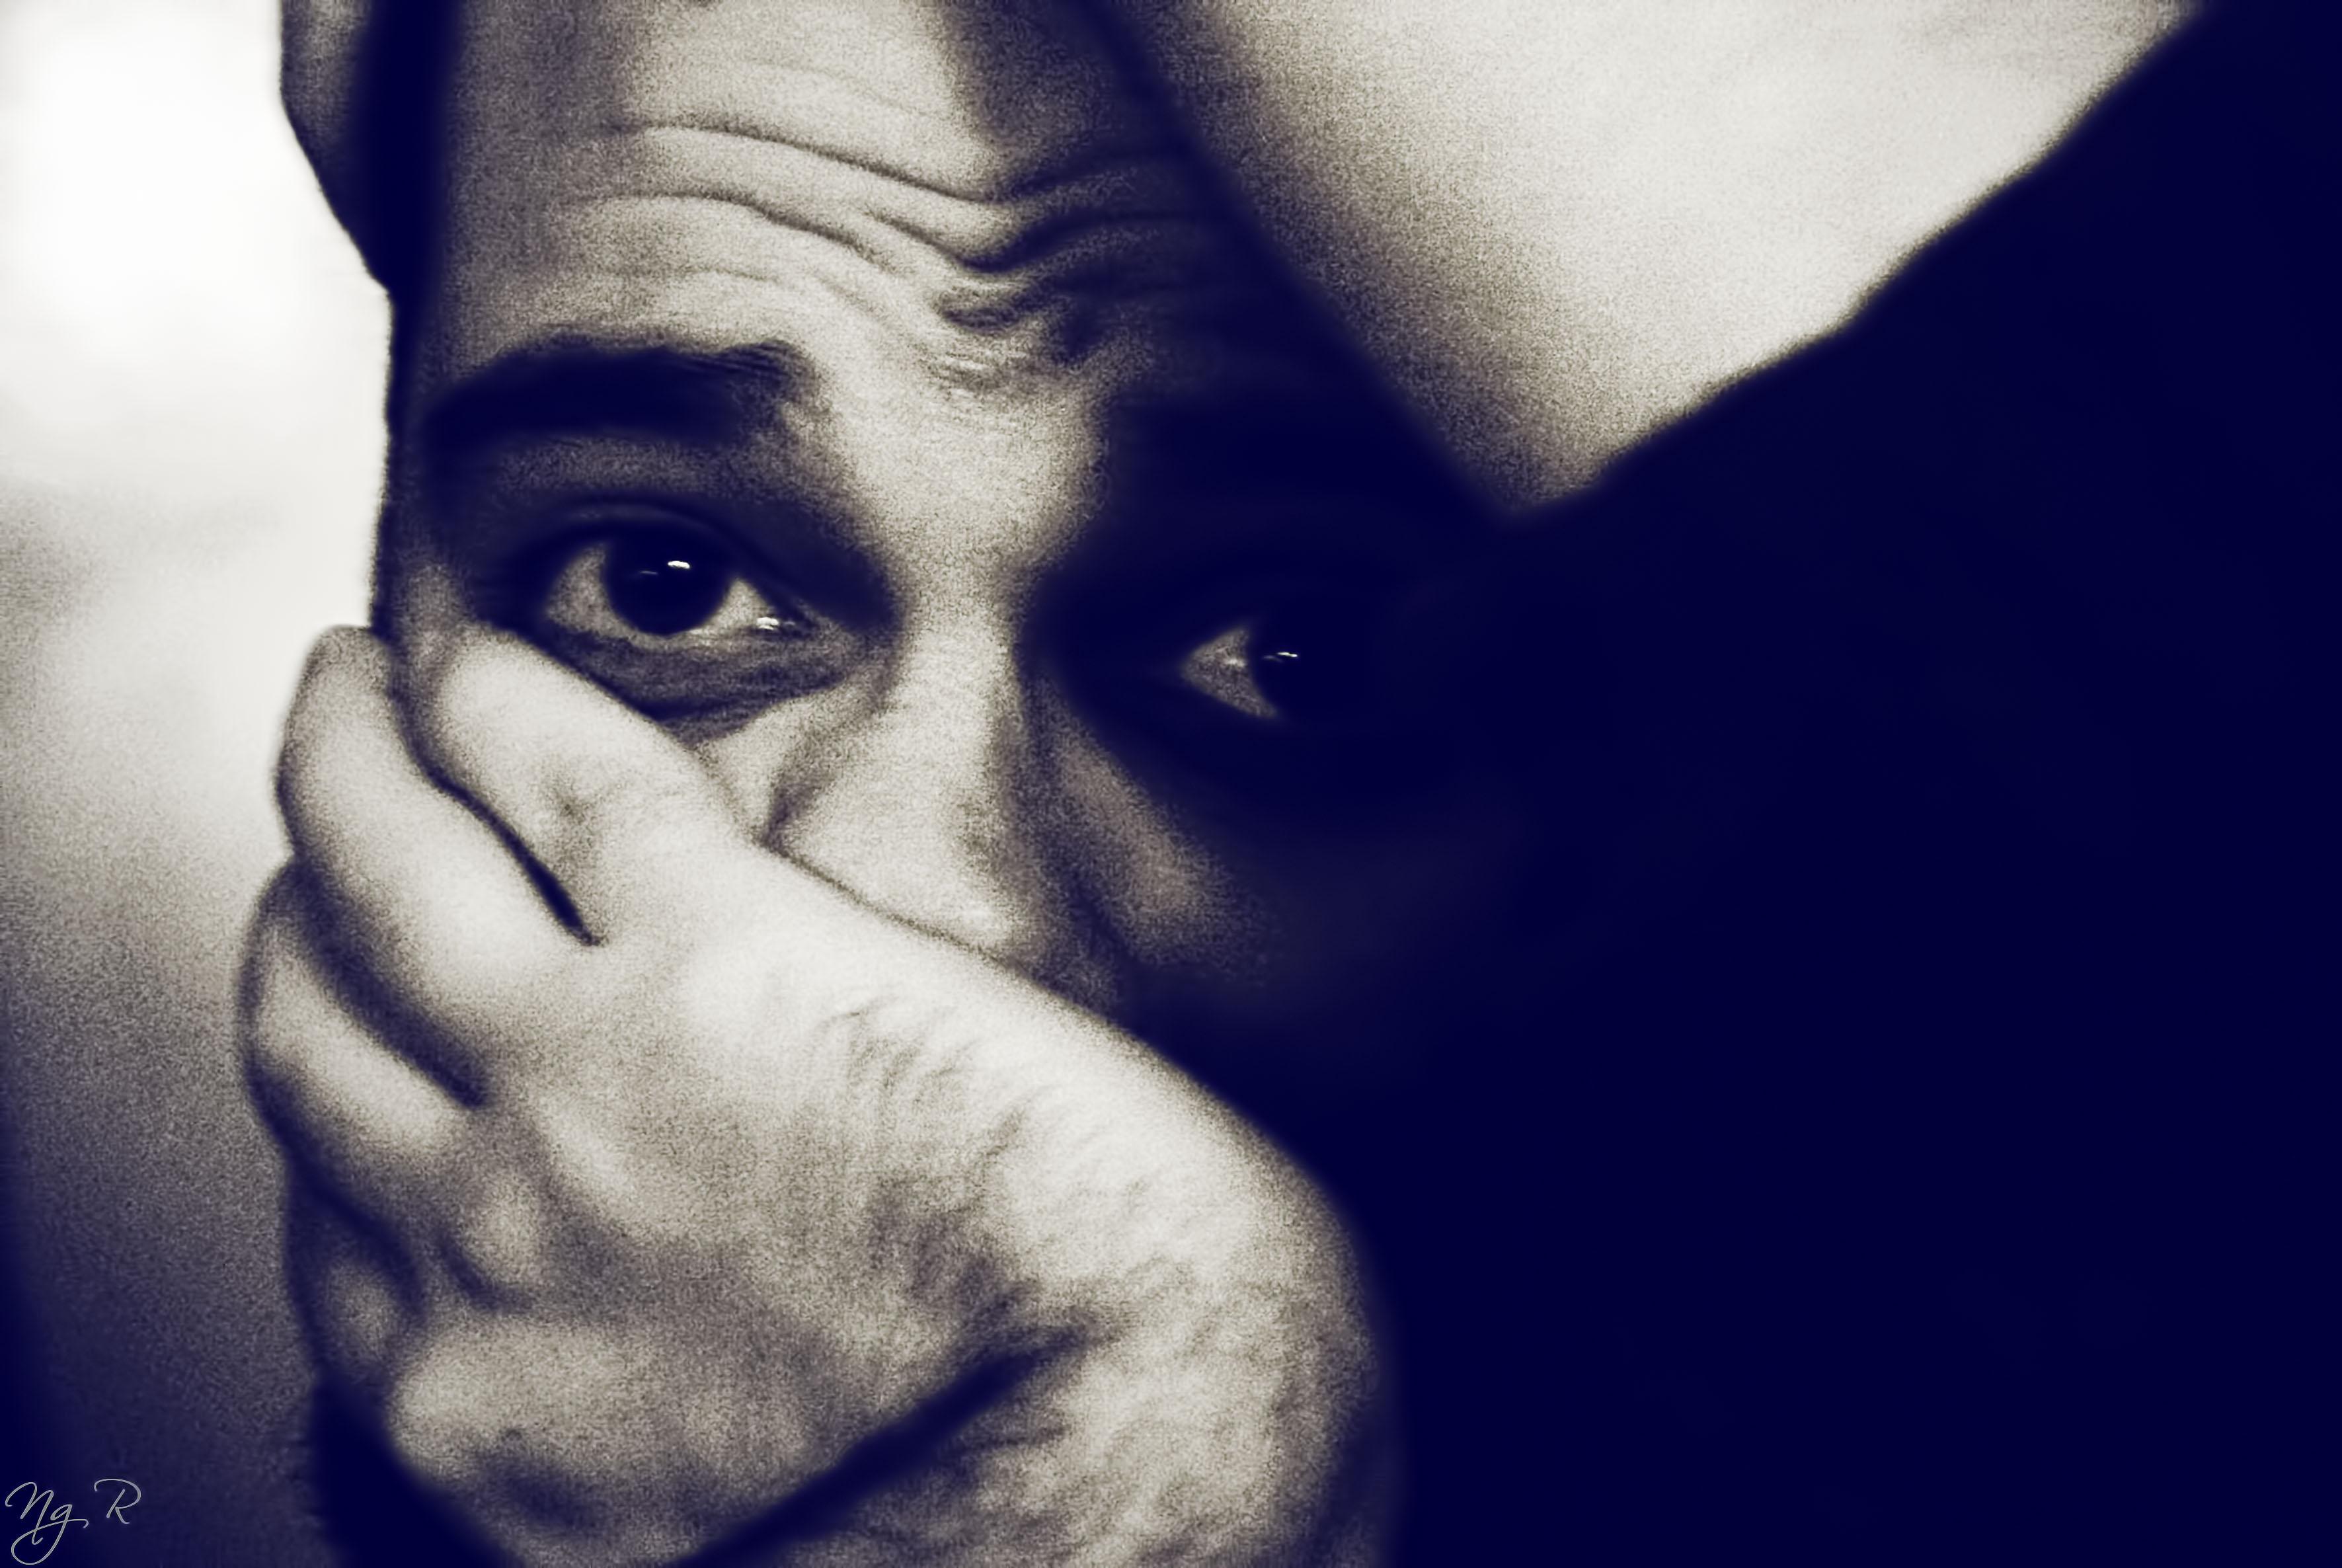 打斷記憶「再固化」,消除恐懼記憶。